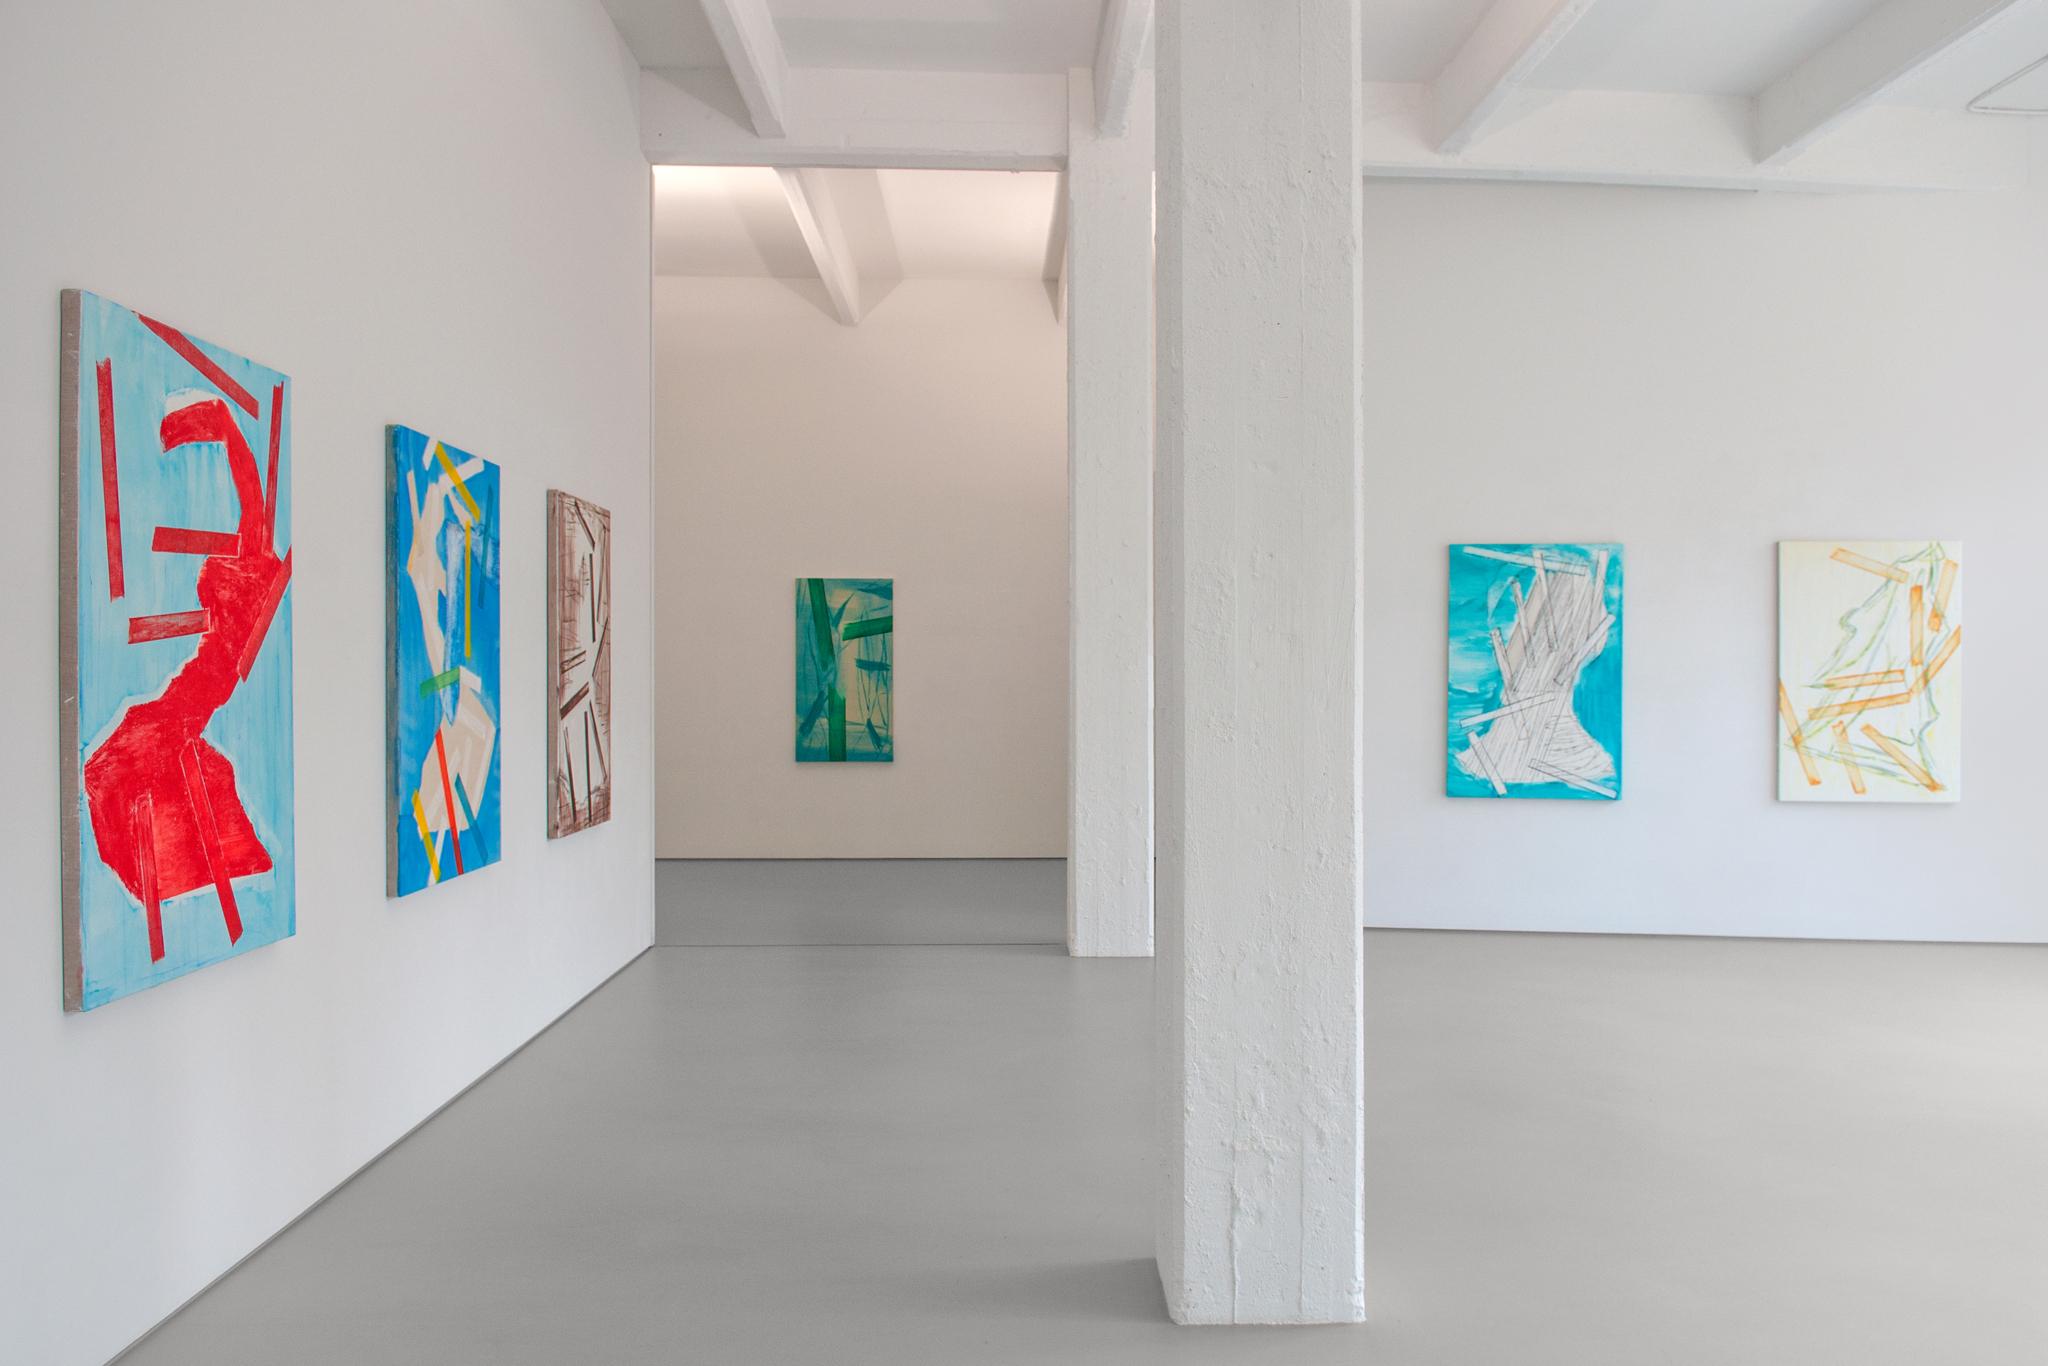 Toon-Verhoef-Galerie-Onrust-EX-2013_01.jpg